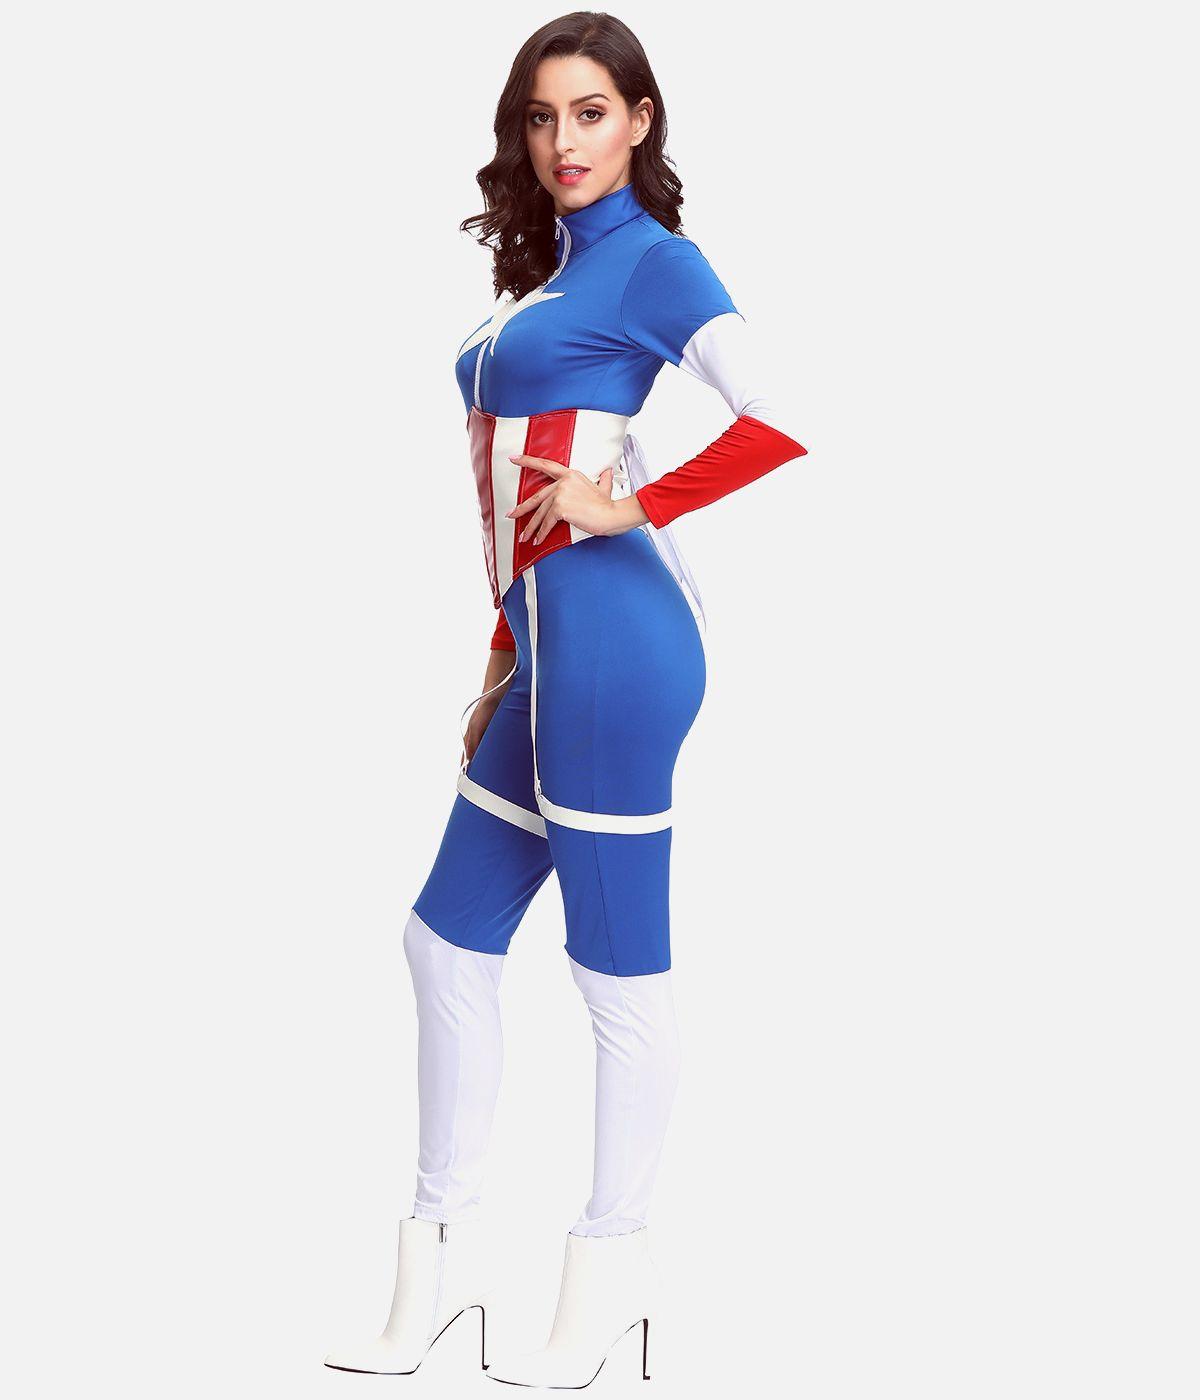 万圣节女装服饰超级英雄Cosplay美国队长超人连体紧身衣服装扮演